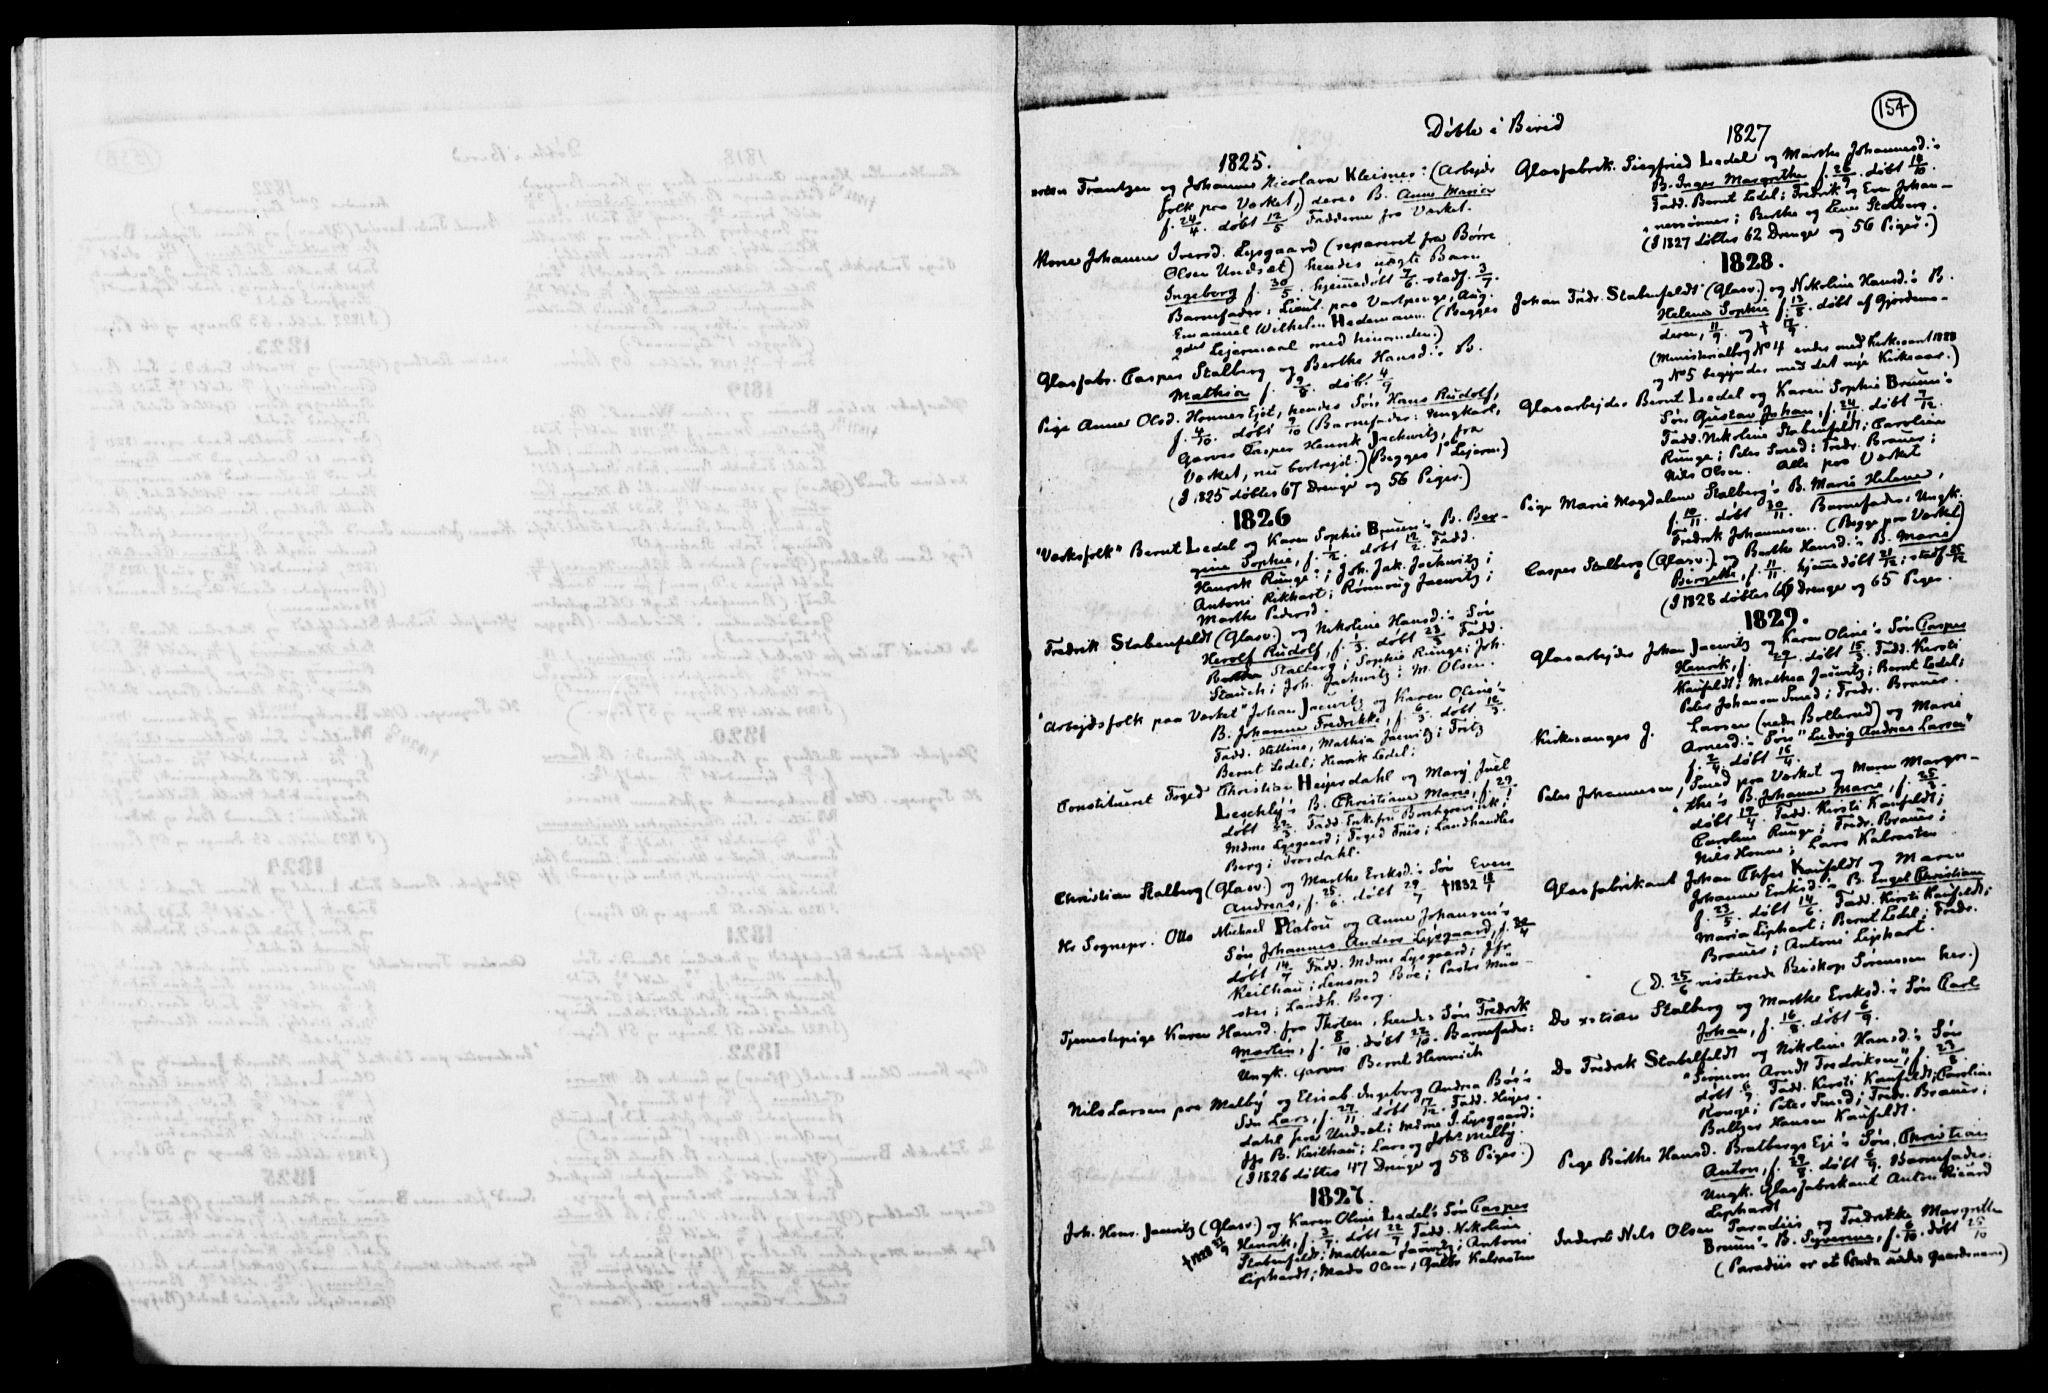 SAH, Biri prestekontor, Ministerialbok, 1730-1879, s. 154